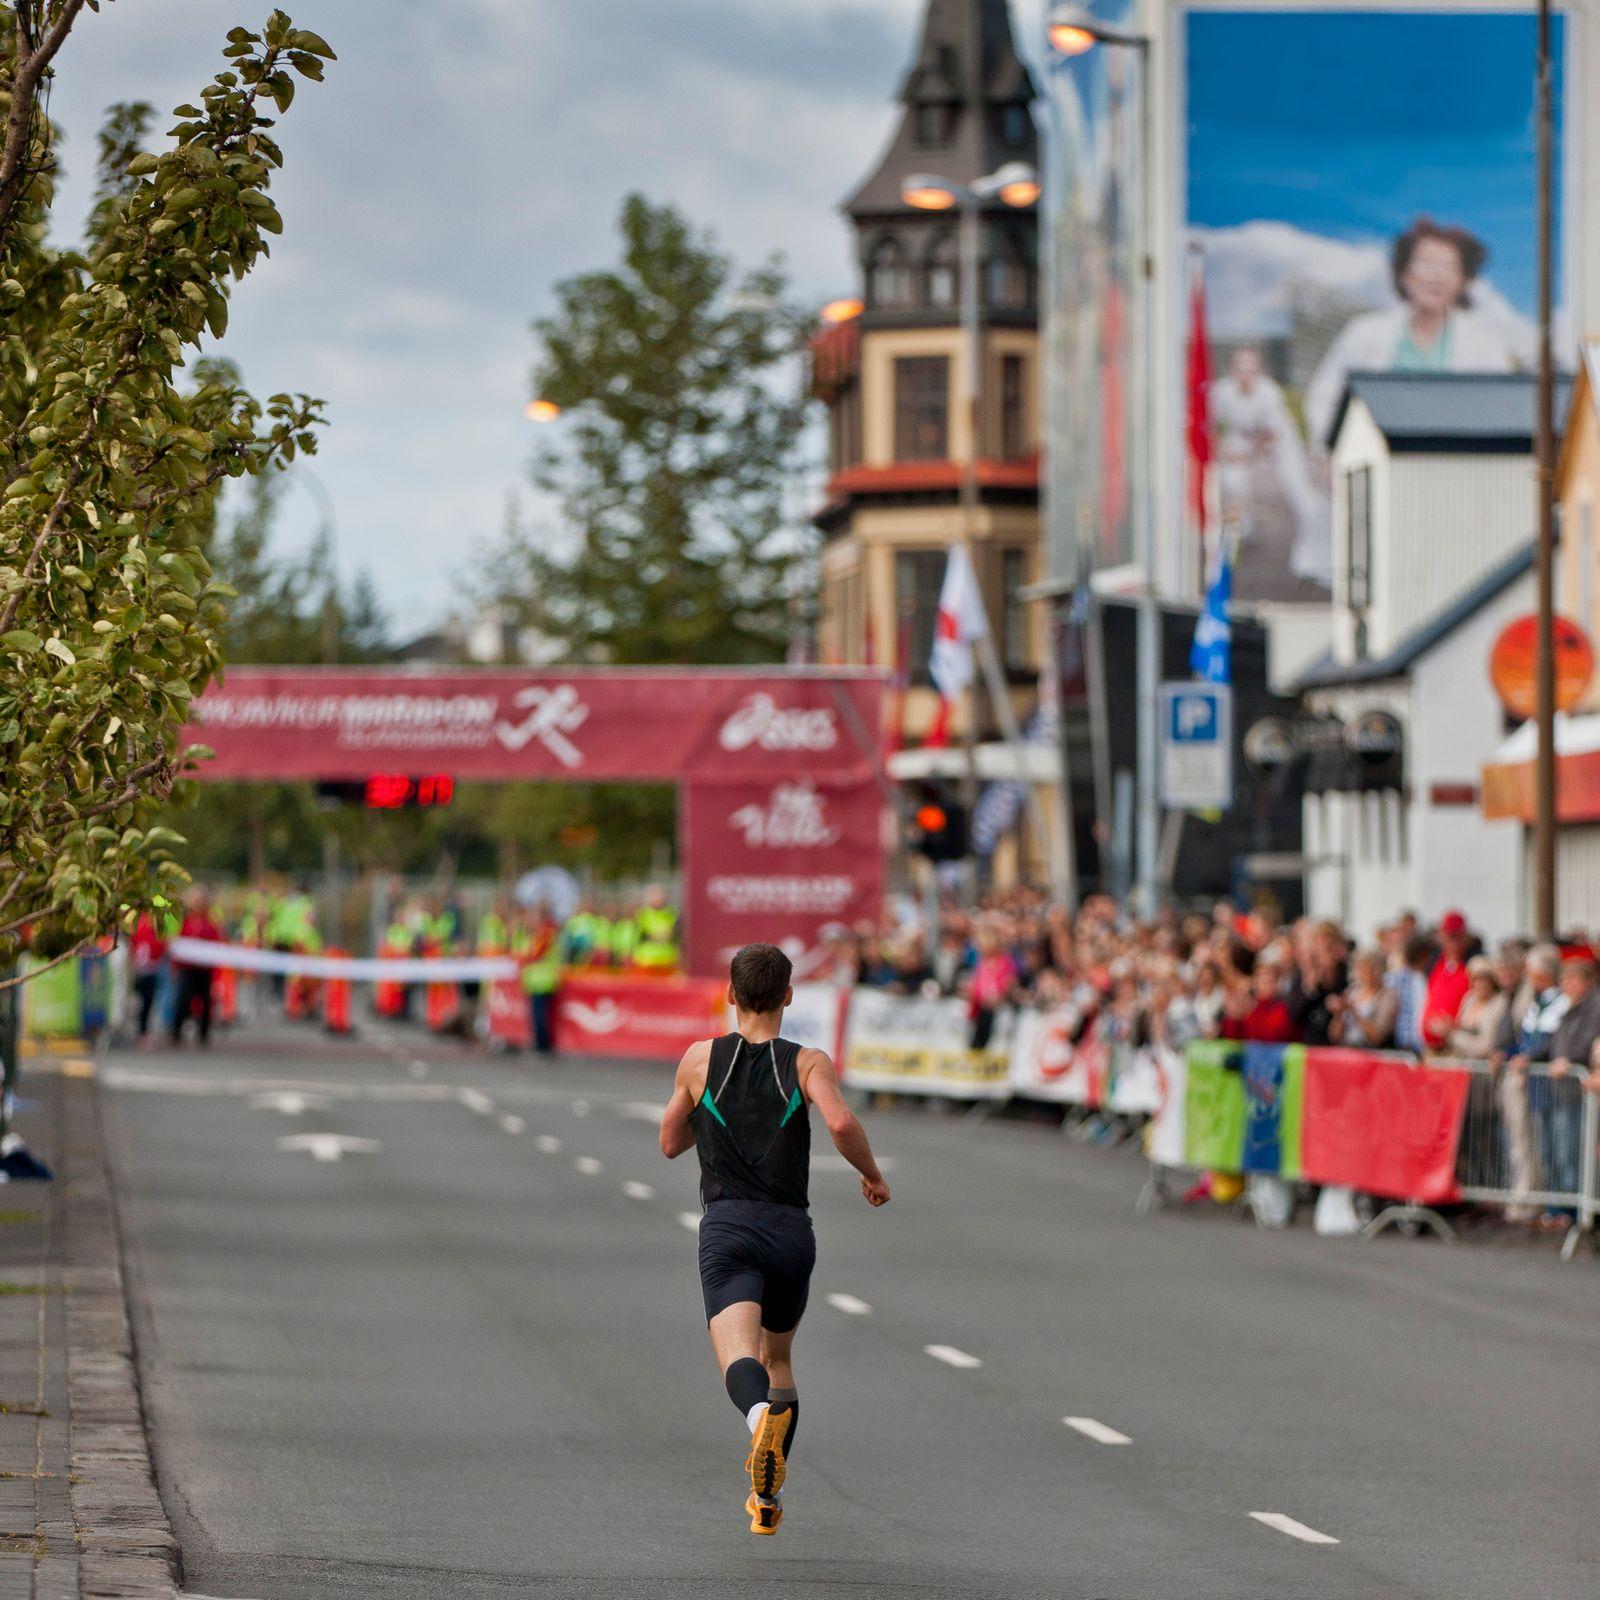 NICHT MEHR VERWENDEN! - Reykjavik Marathon, Iceland